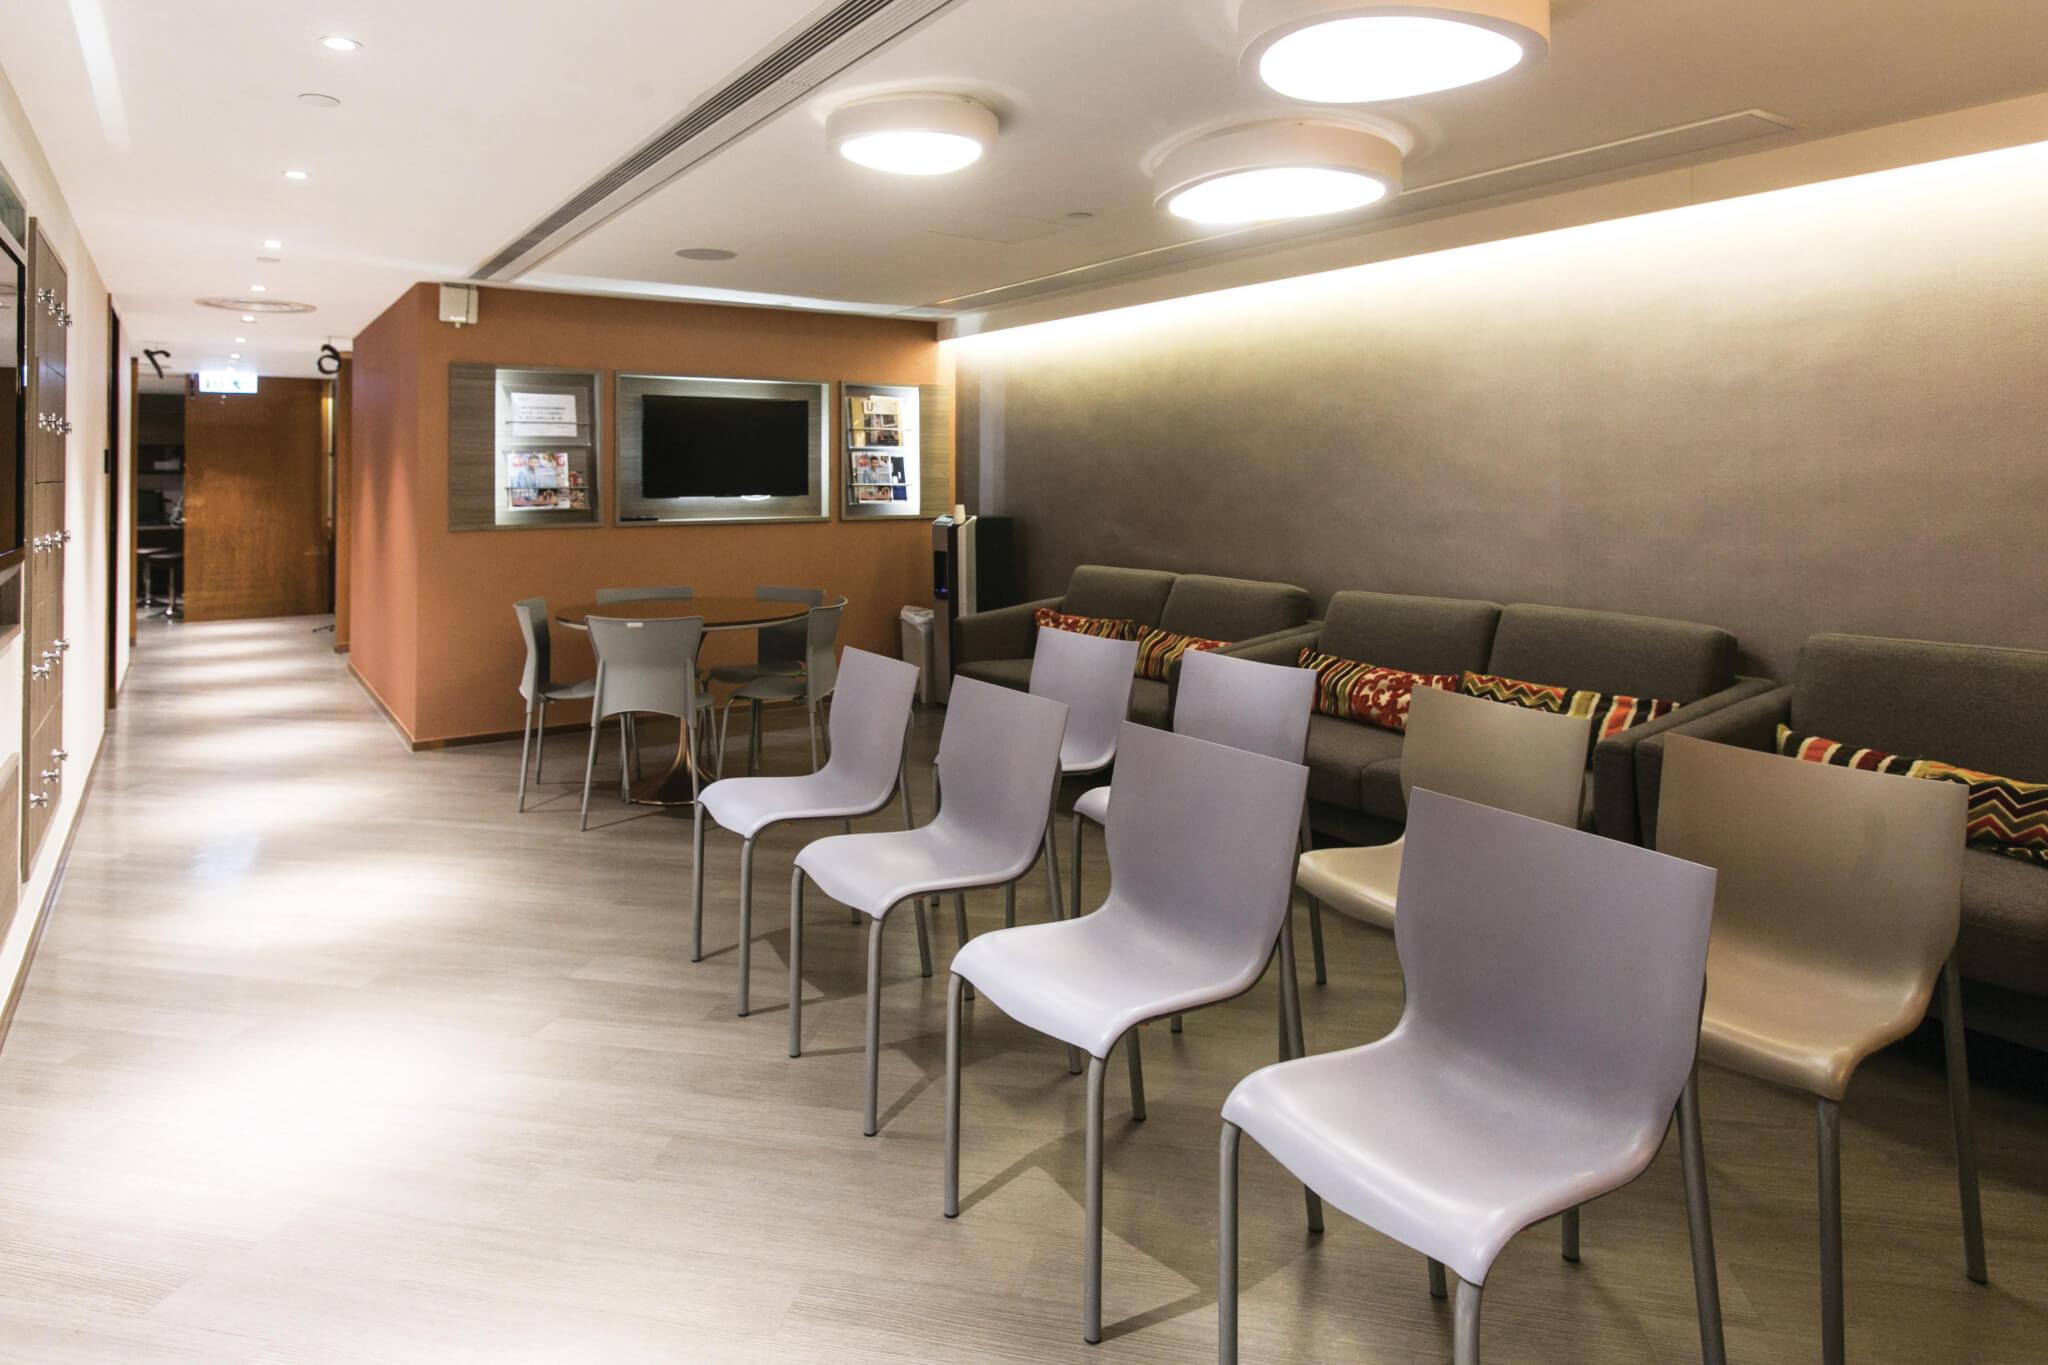 中心定期舉辦講座, 由 專業人士向客人講解矯 視相關資訊。